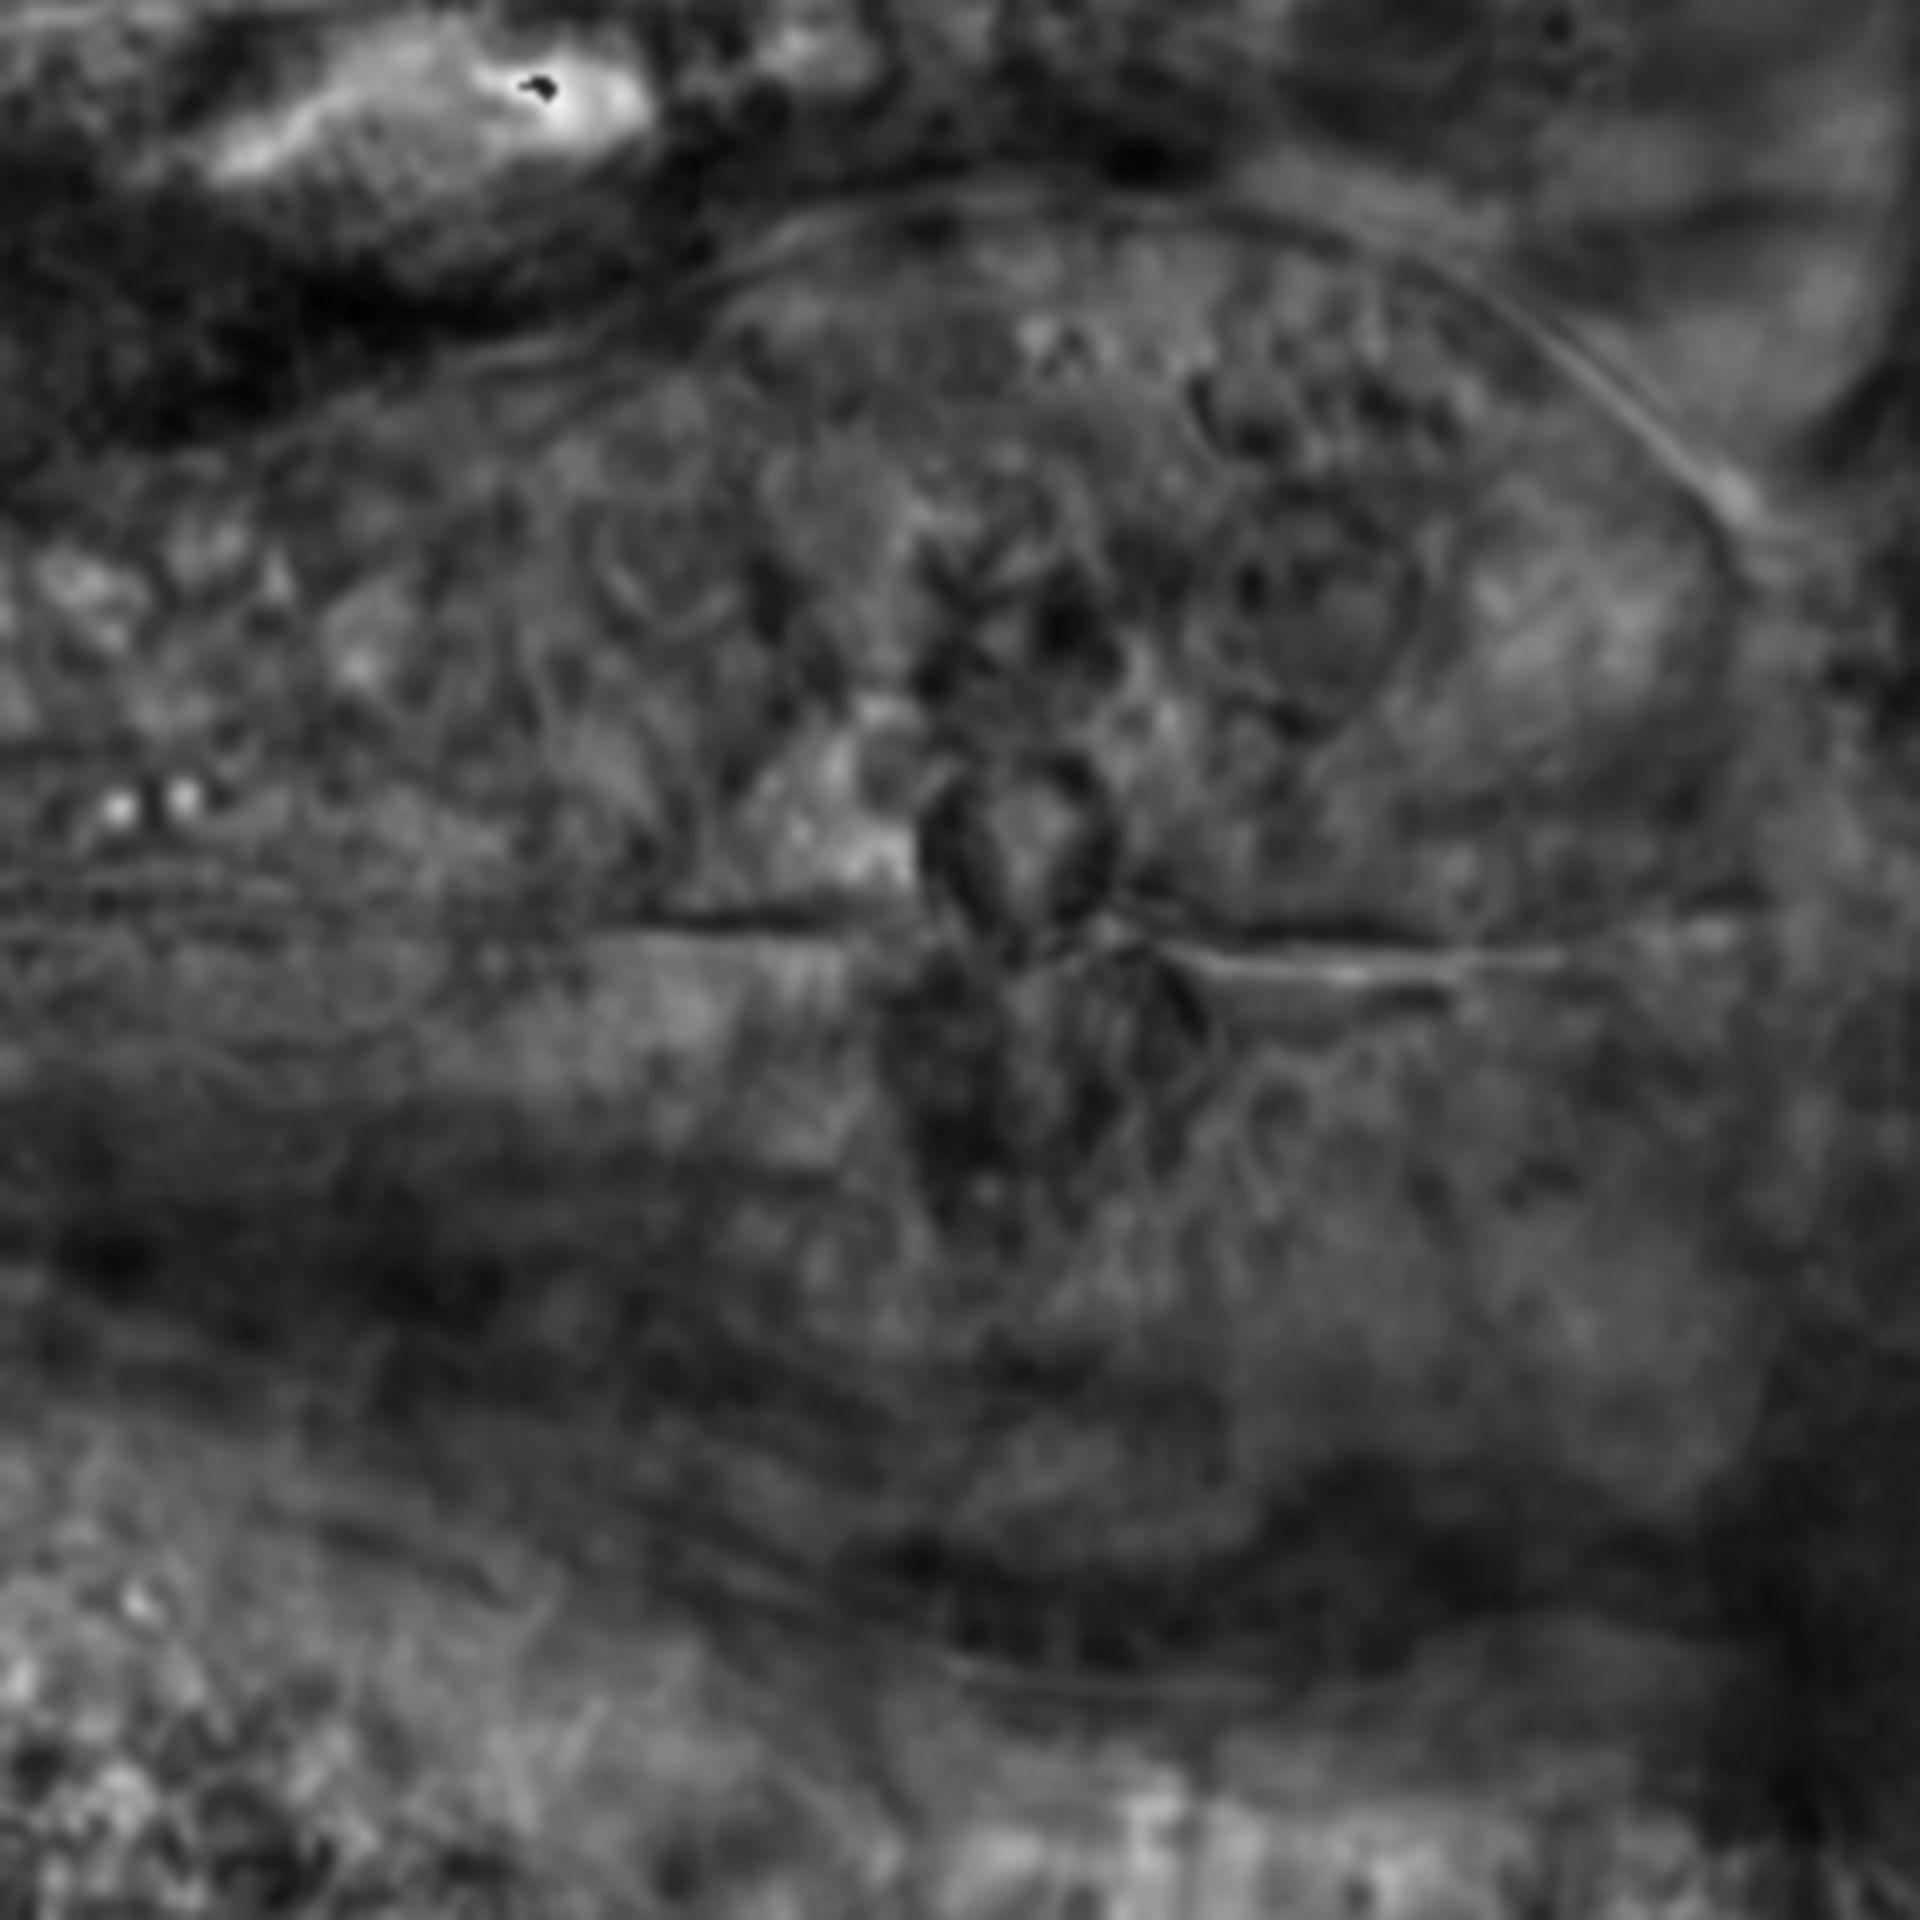 Caenorhabditis elegans - CIL:2707